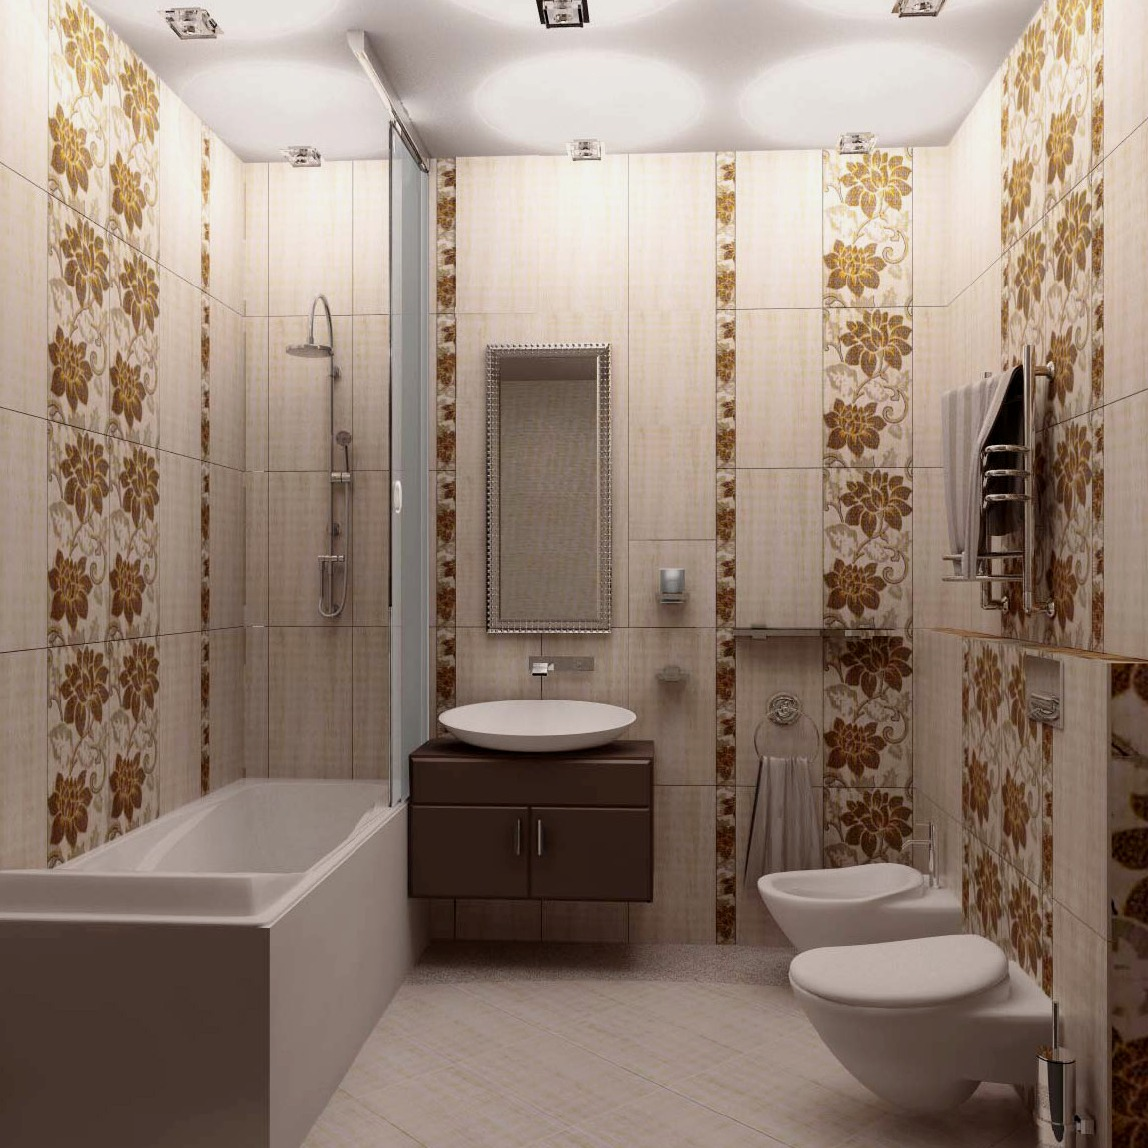 Плитка для ванной комнаты дизайн для маленькой ванны